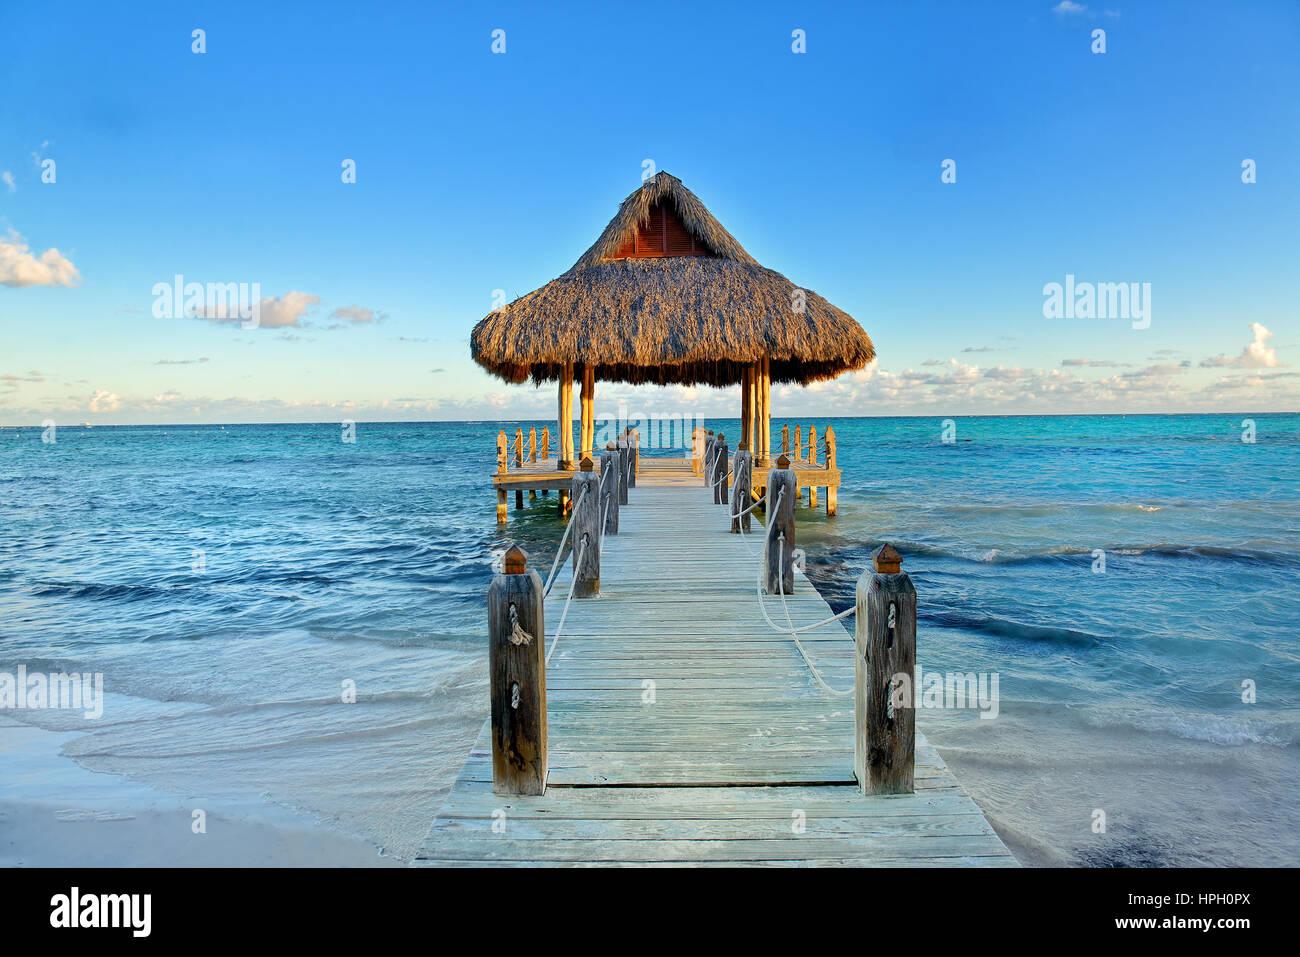 Plage de sable blanc tropicales. Jetée en bois au toit de feuilles de palmier avec pavillon sur la plage. Punta Photo Stock